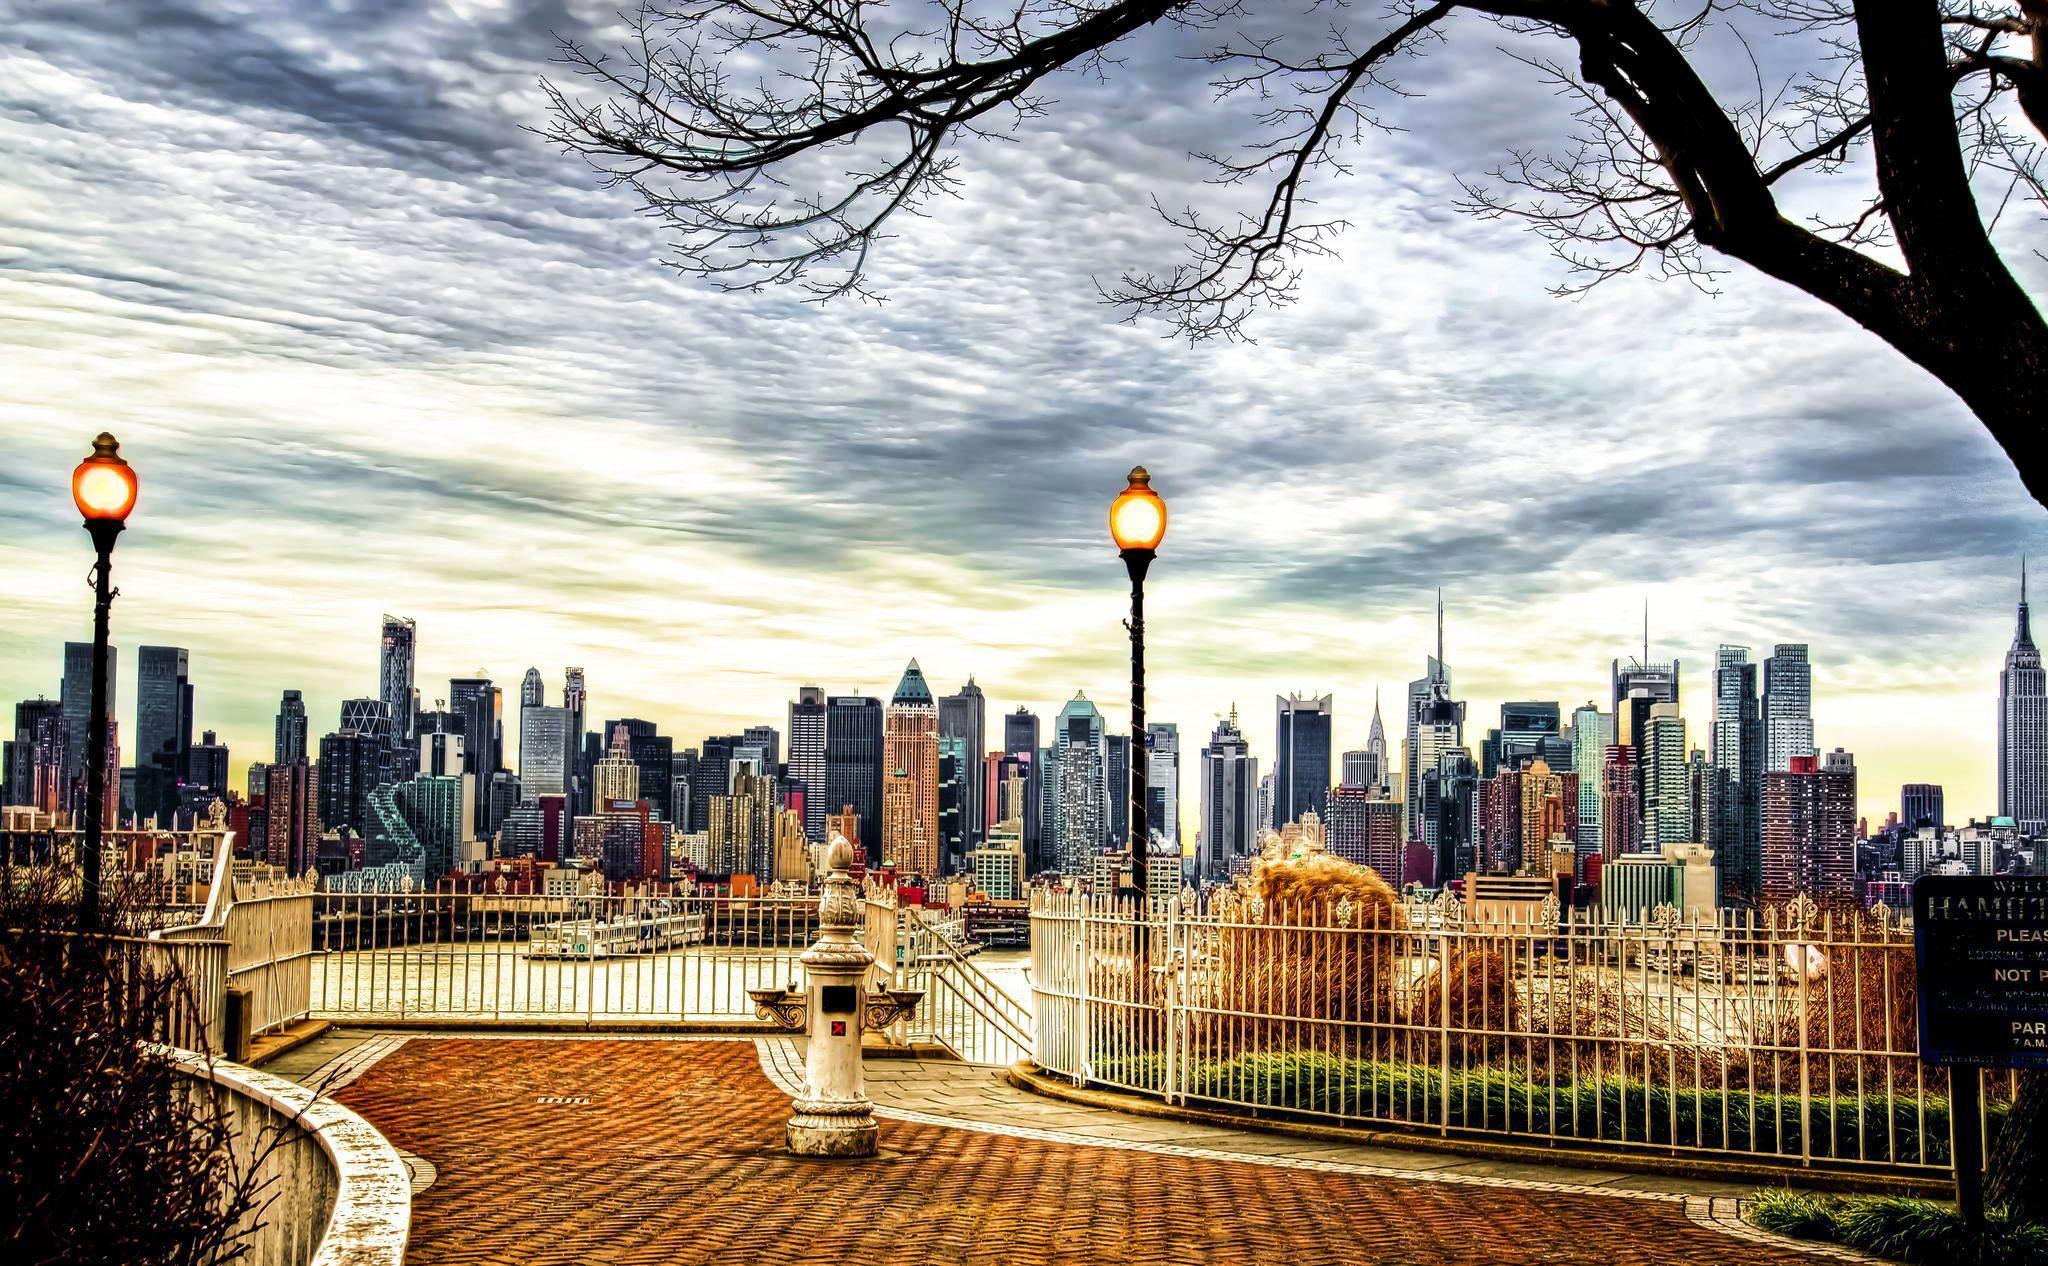 New York Night View Hd Wallpaper Hd Blast